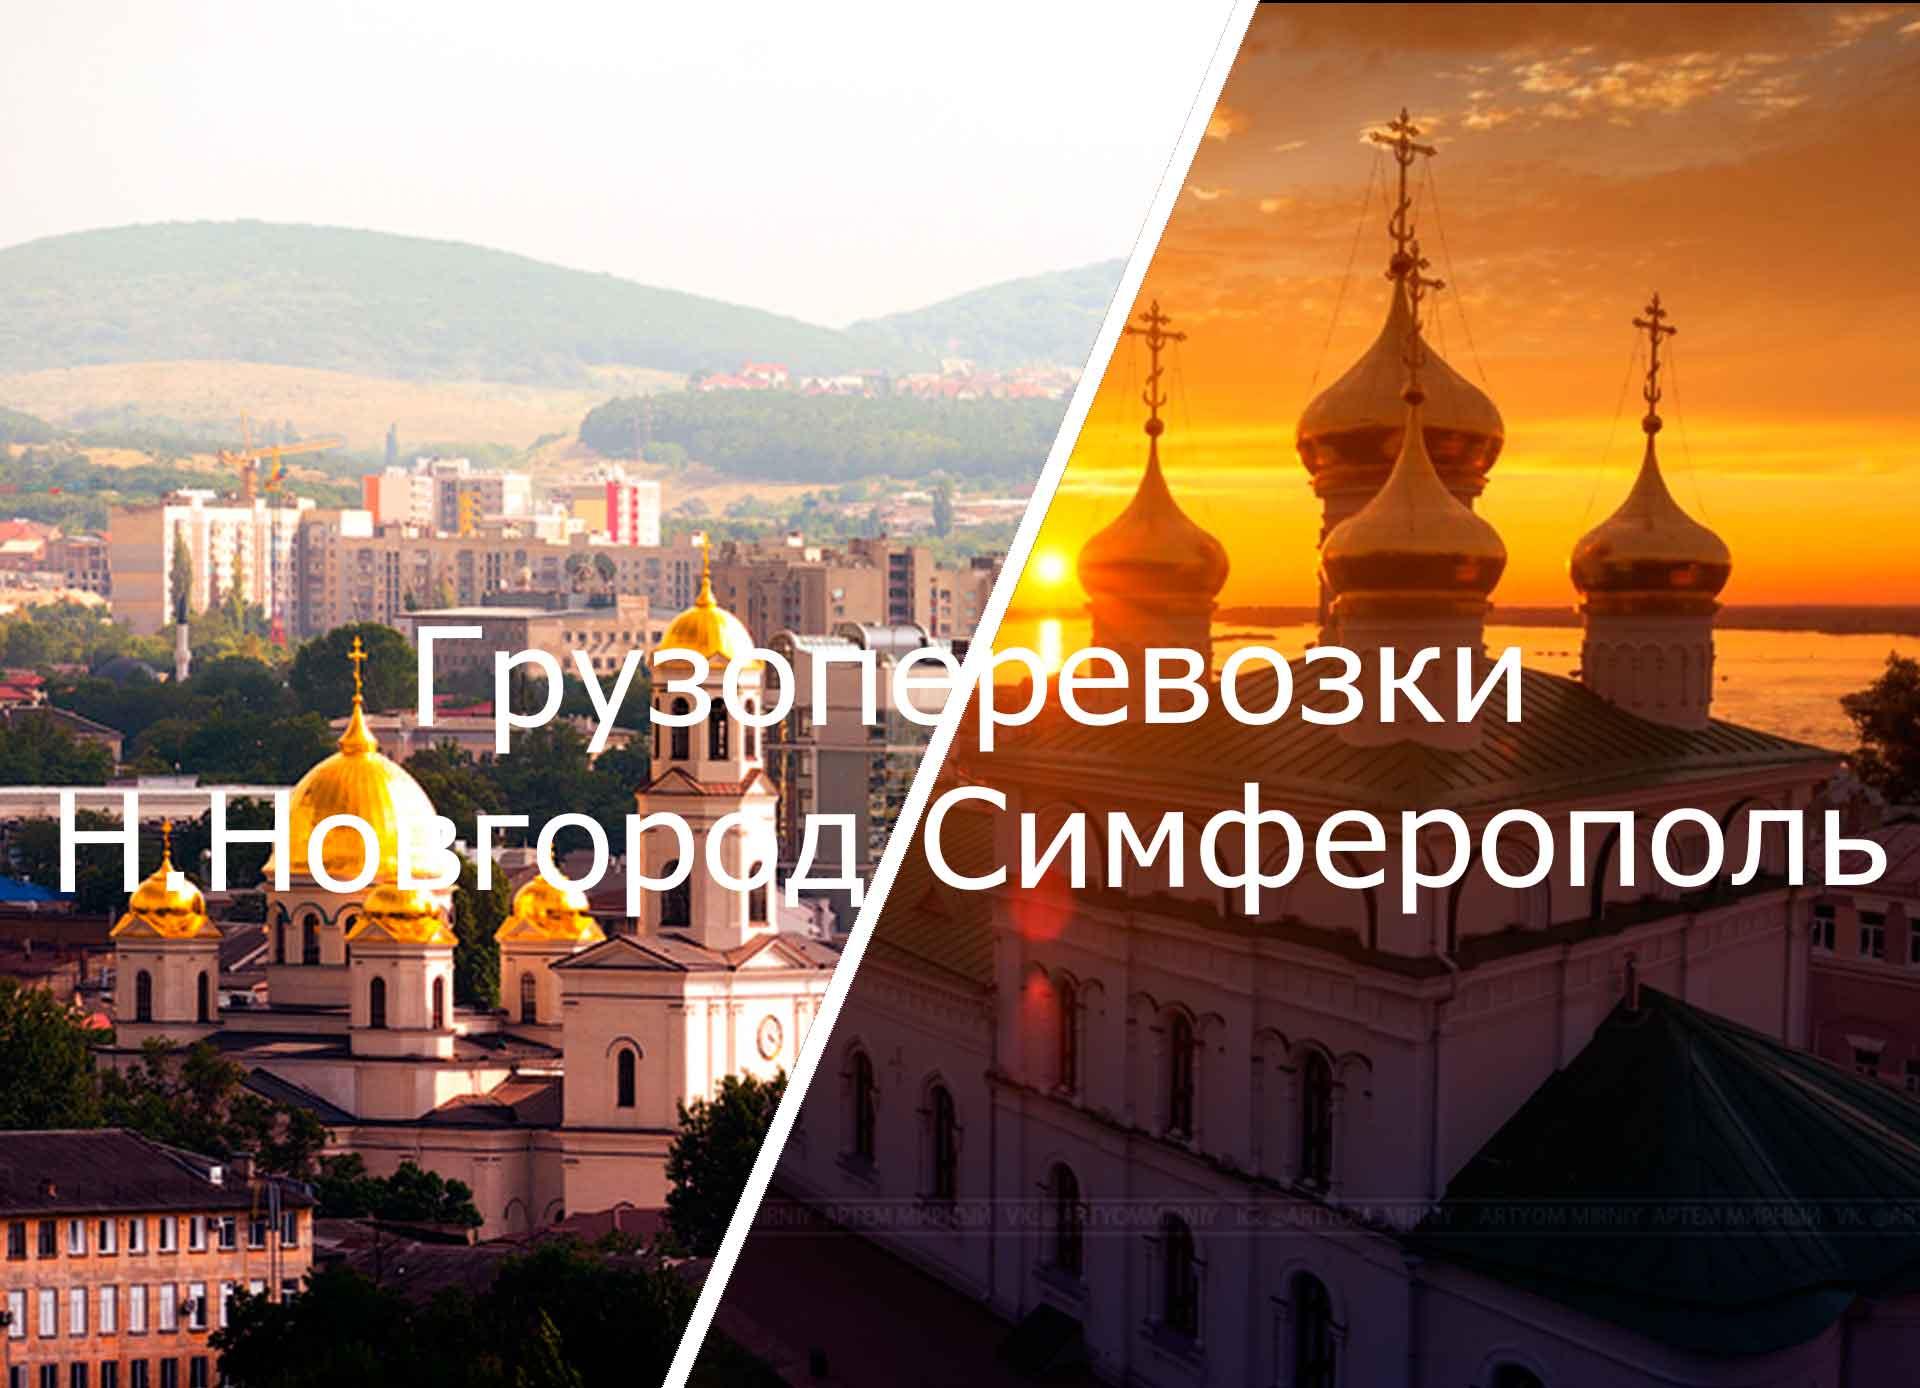 грузоперевозки нижний новгород симферополь